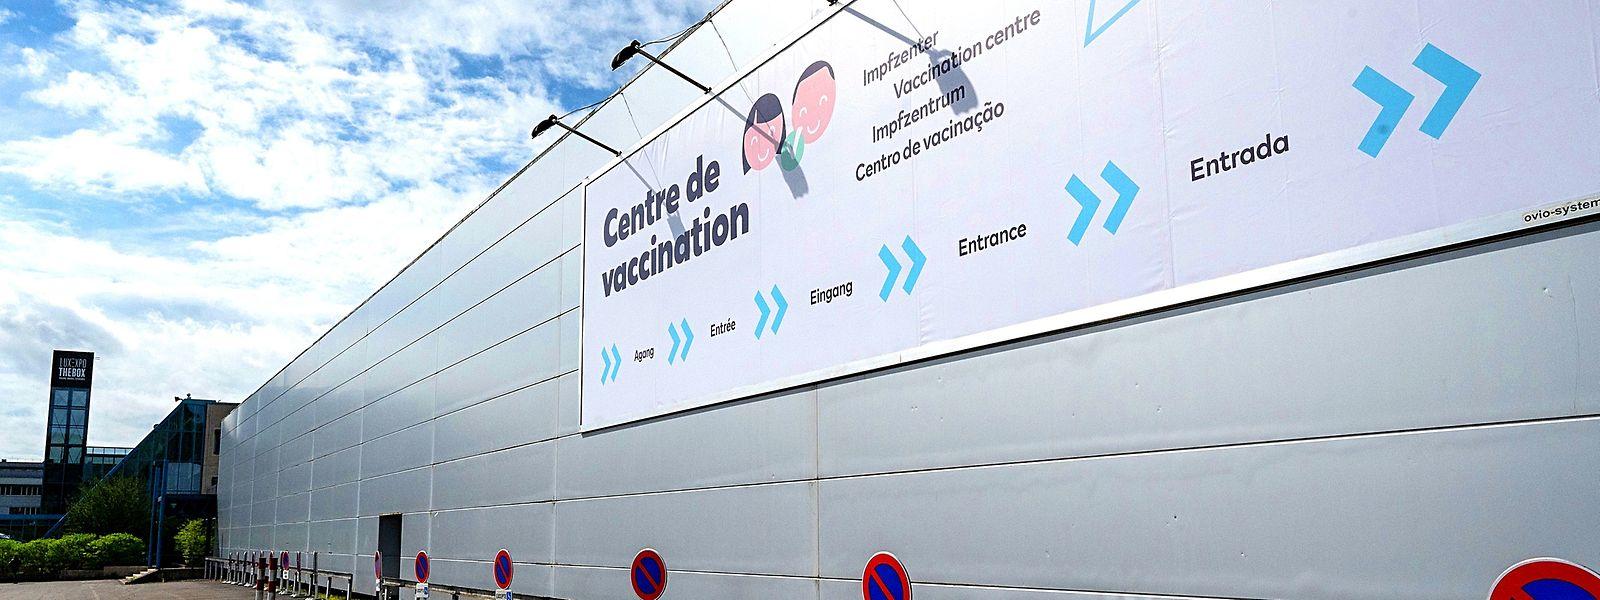 Sexto centro de vacinação covid-19 no país abriu a 19 de maio, em Kirchberg.